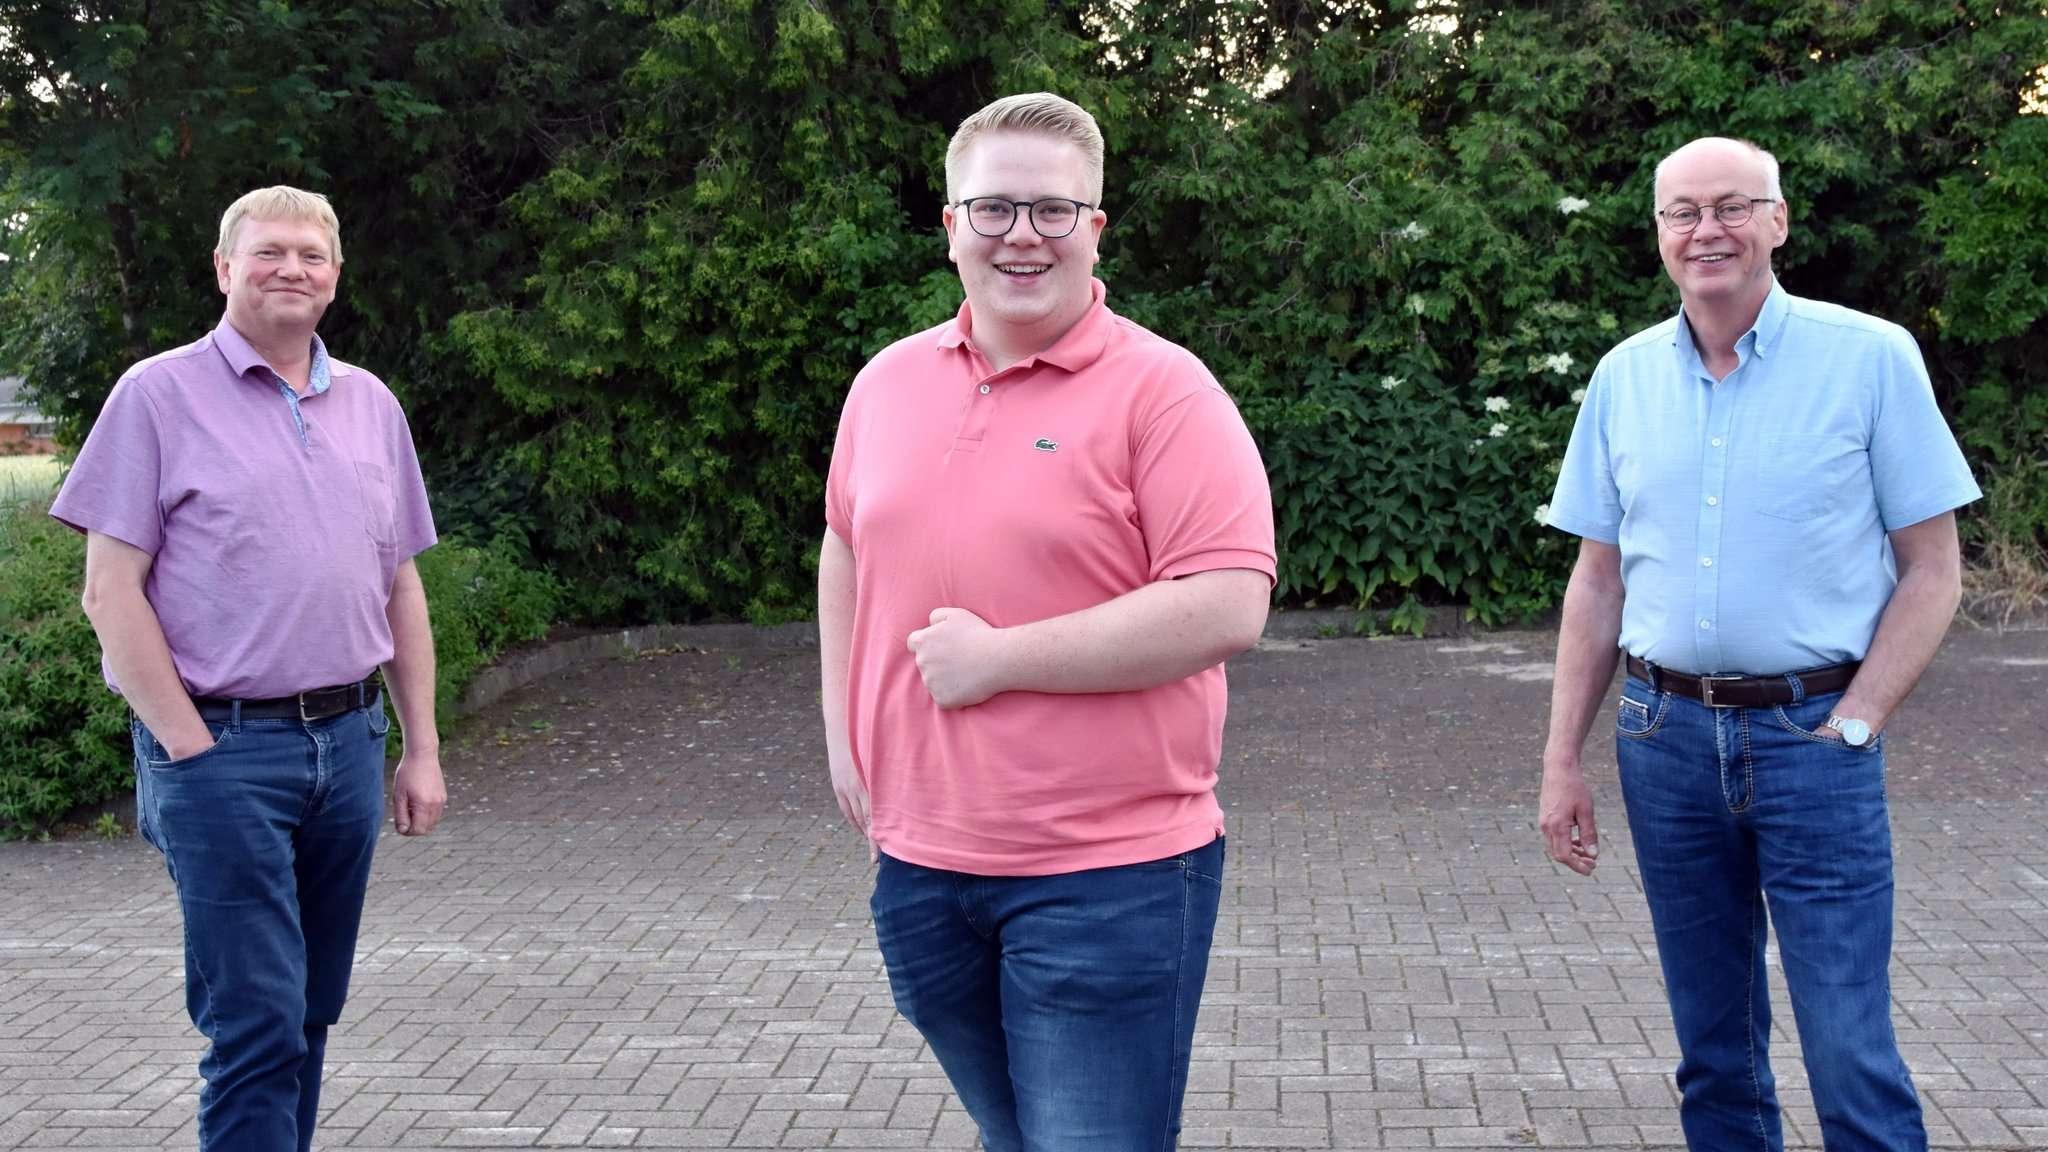 Gemeindeverbandsvorsitzender Nico Burfeind (Mitte) mit Stellvertreter Harald Schmitchen (rechts) und Vorstandsmitglied Dirk Detjen. Foto: Heidrun Meyer